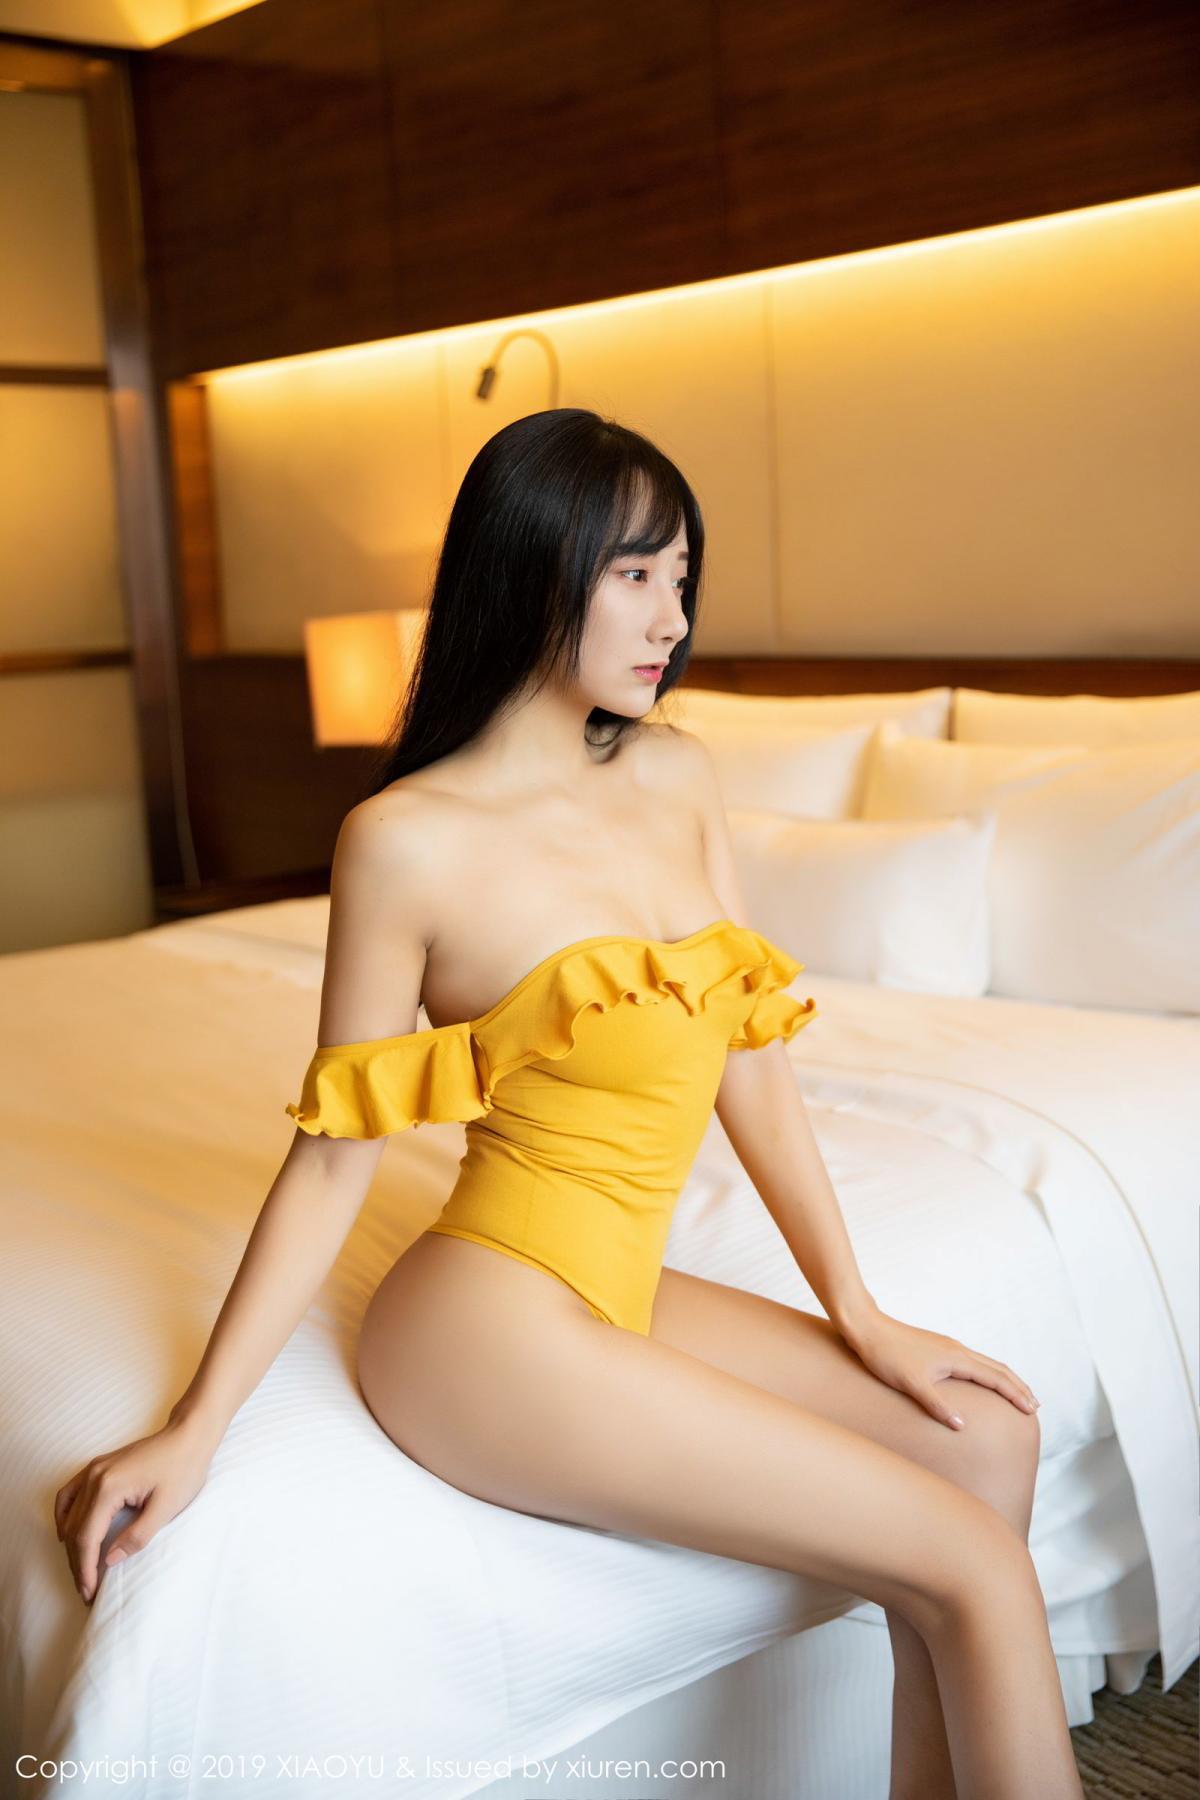 [XiaoYu] Vol.140 He Jia Ying 3P, He Jia Ying, Tall, XiaoYu